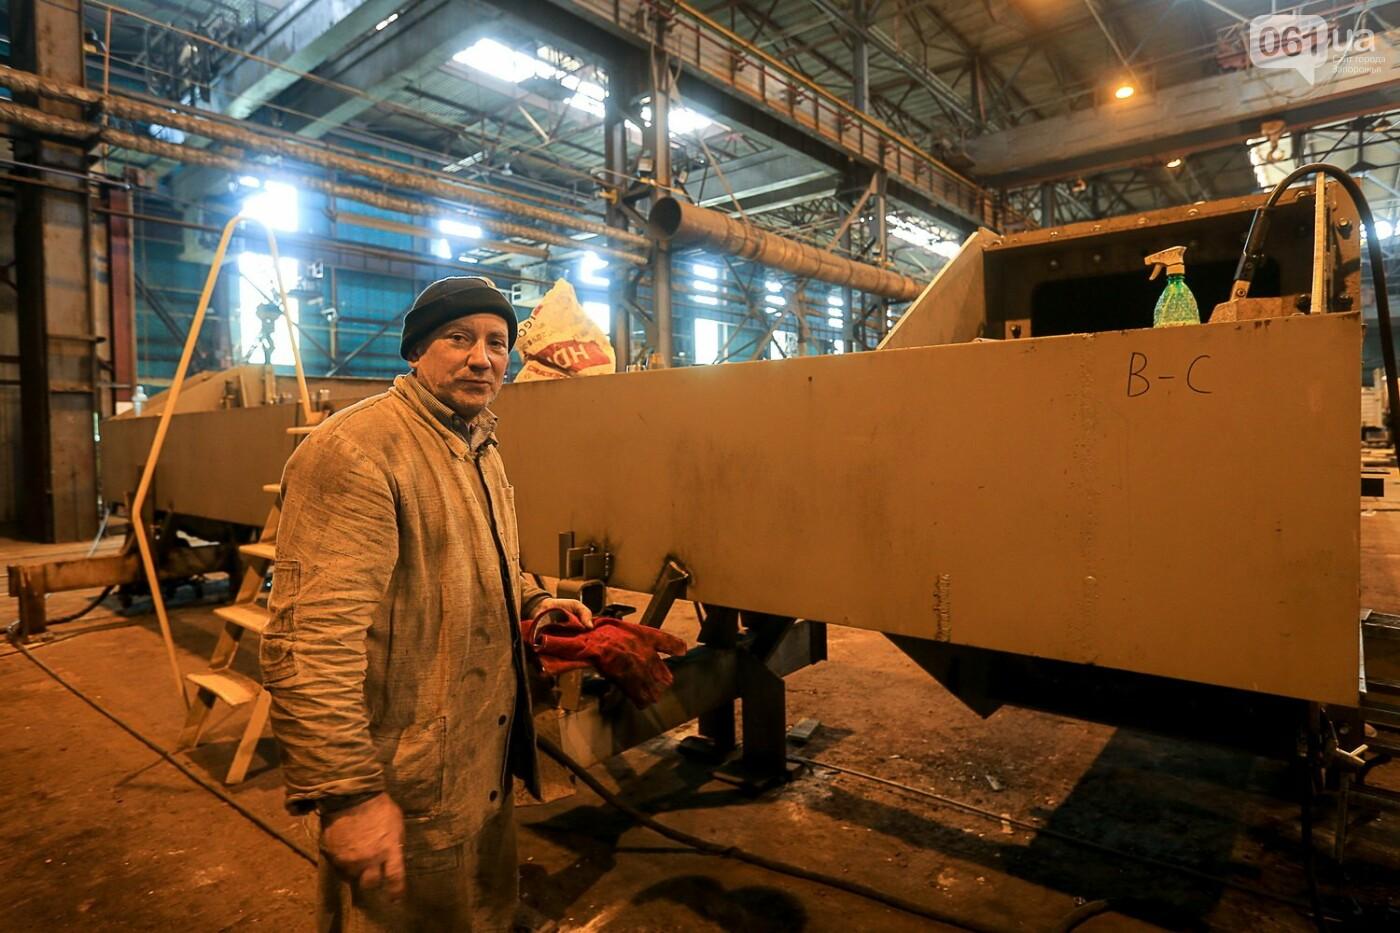 Как в Запорожье работает крупнейший в Европе завод по производству кранов: экскурсия на производство, — ФОТОРЕПОРТАЖ, фото-26